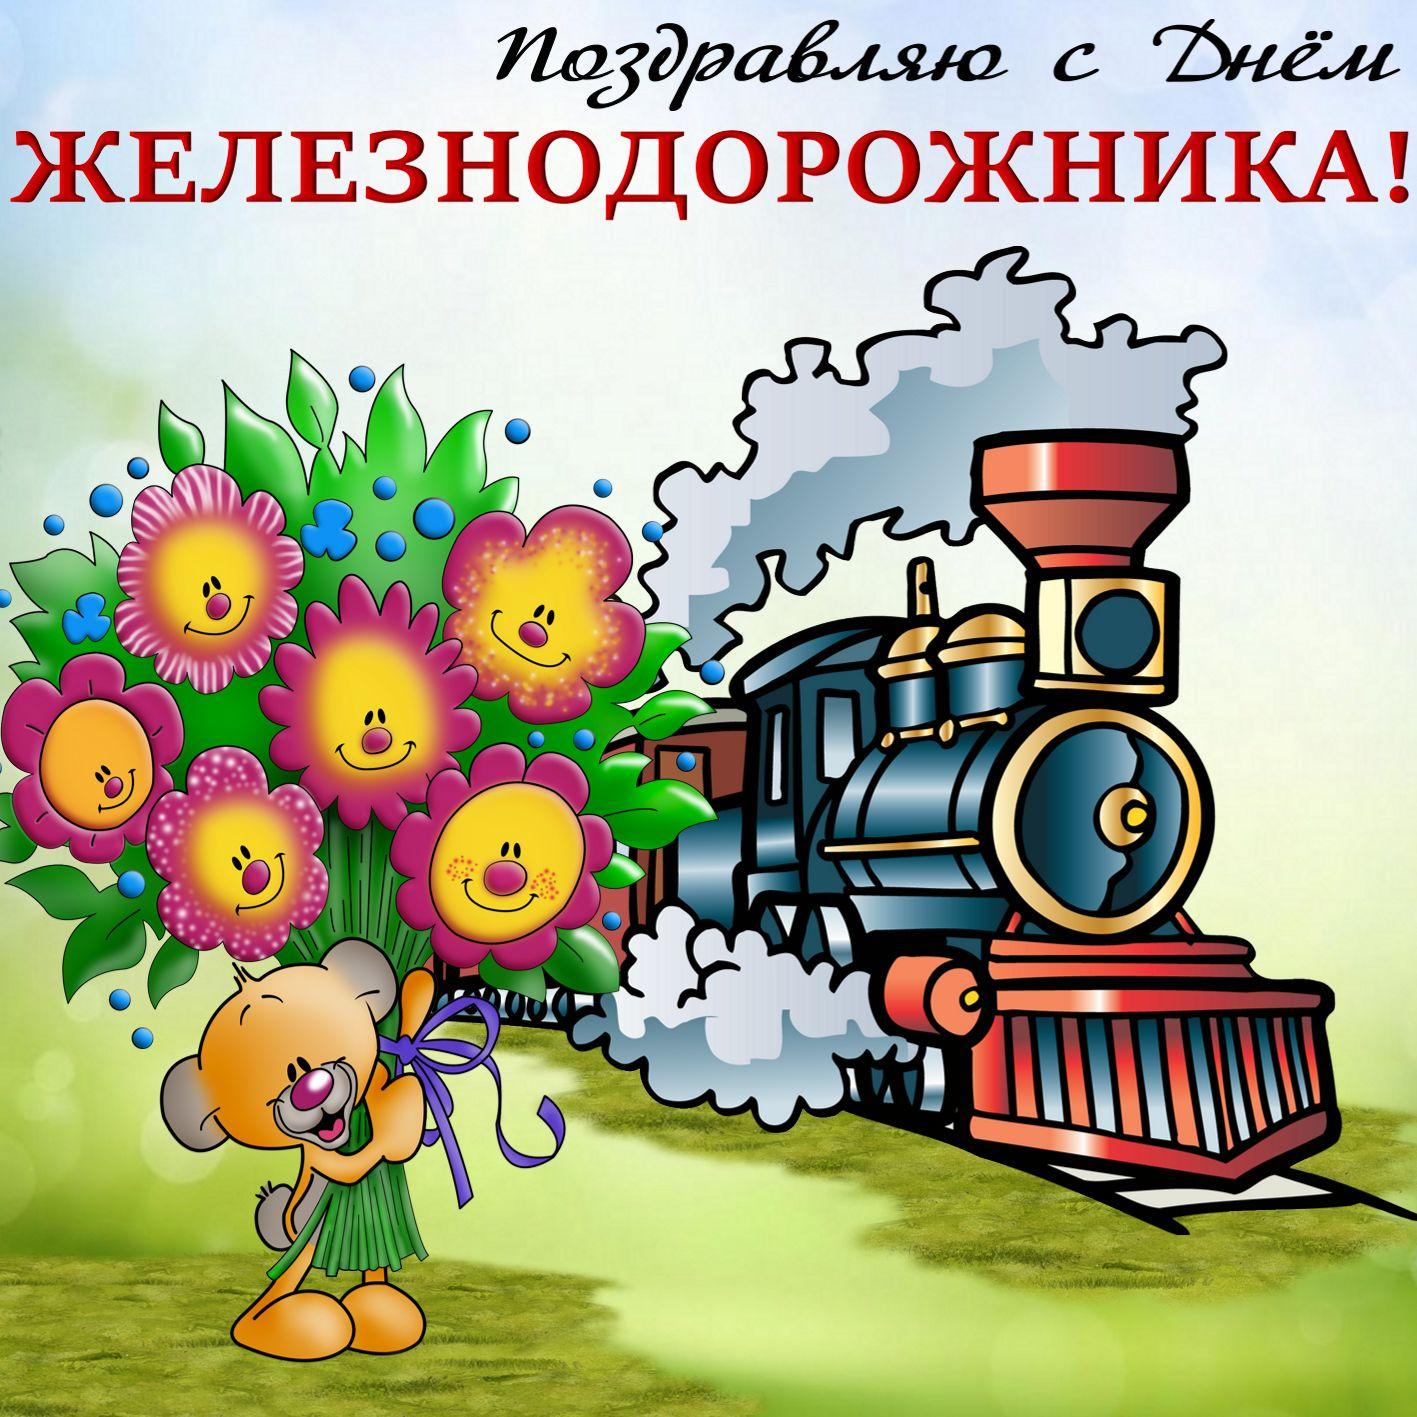 Поздравления сына с днем железнодорожника